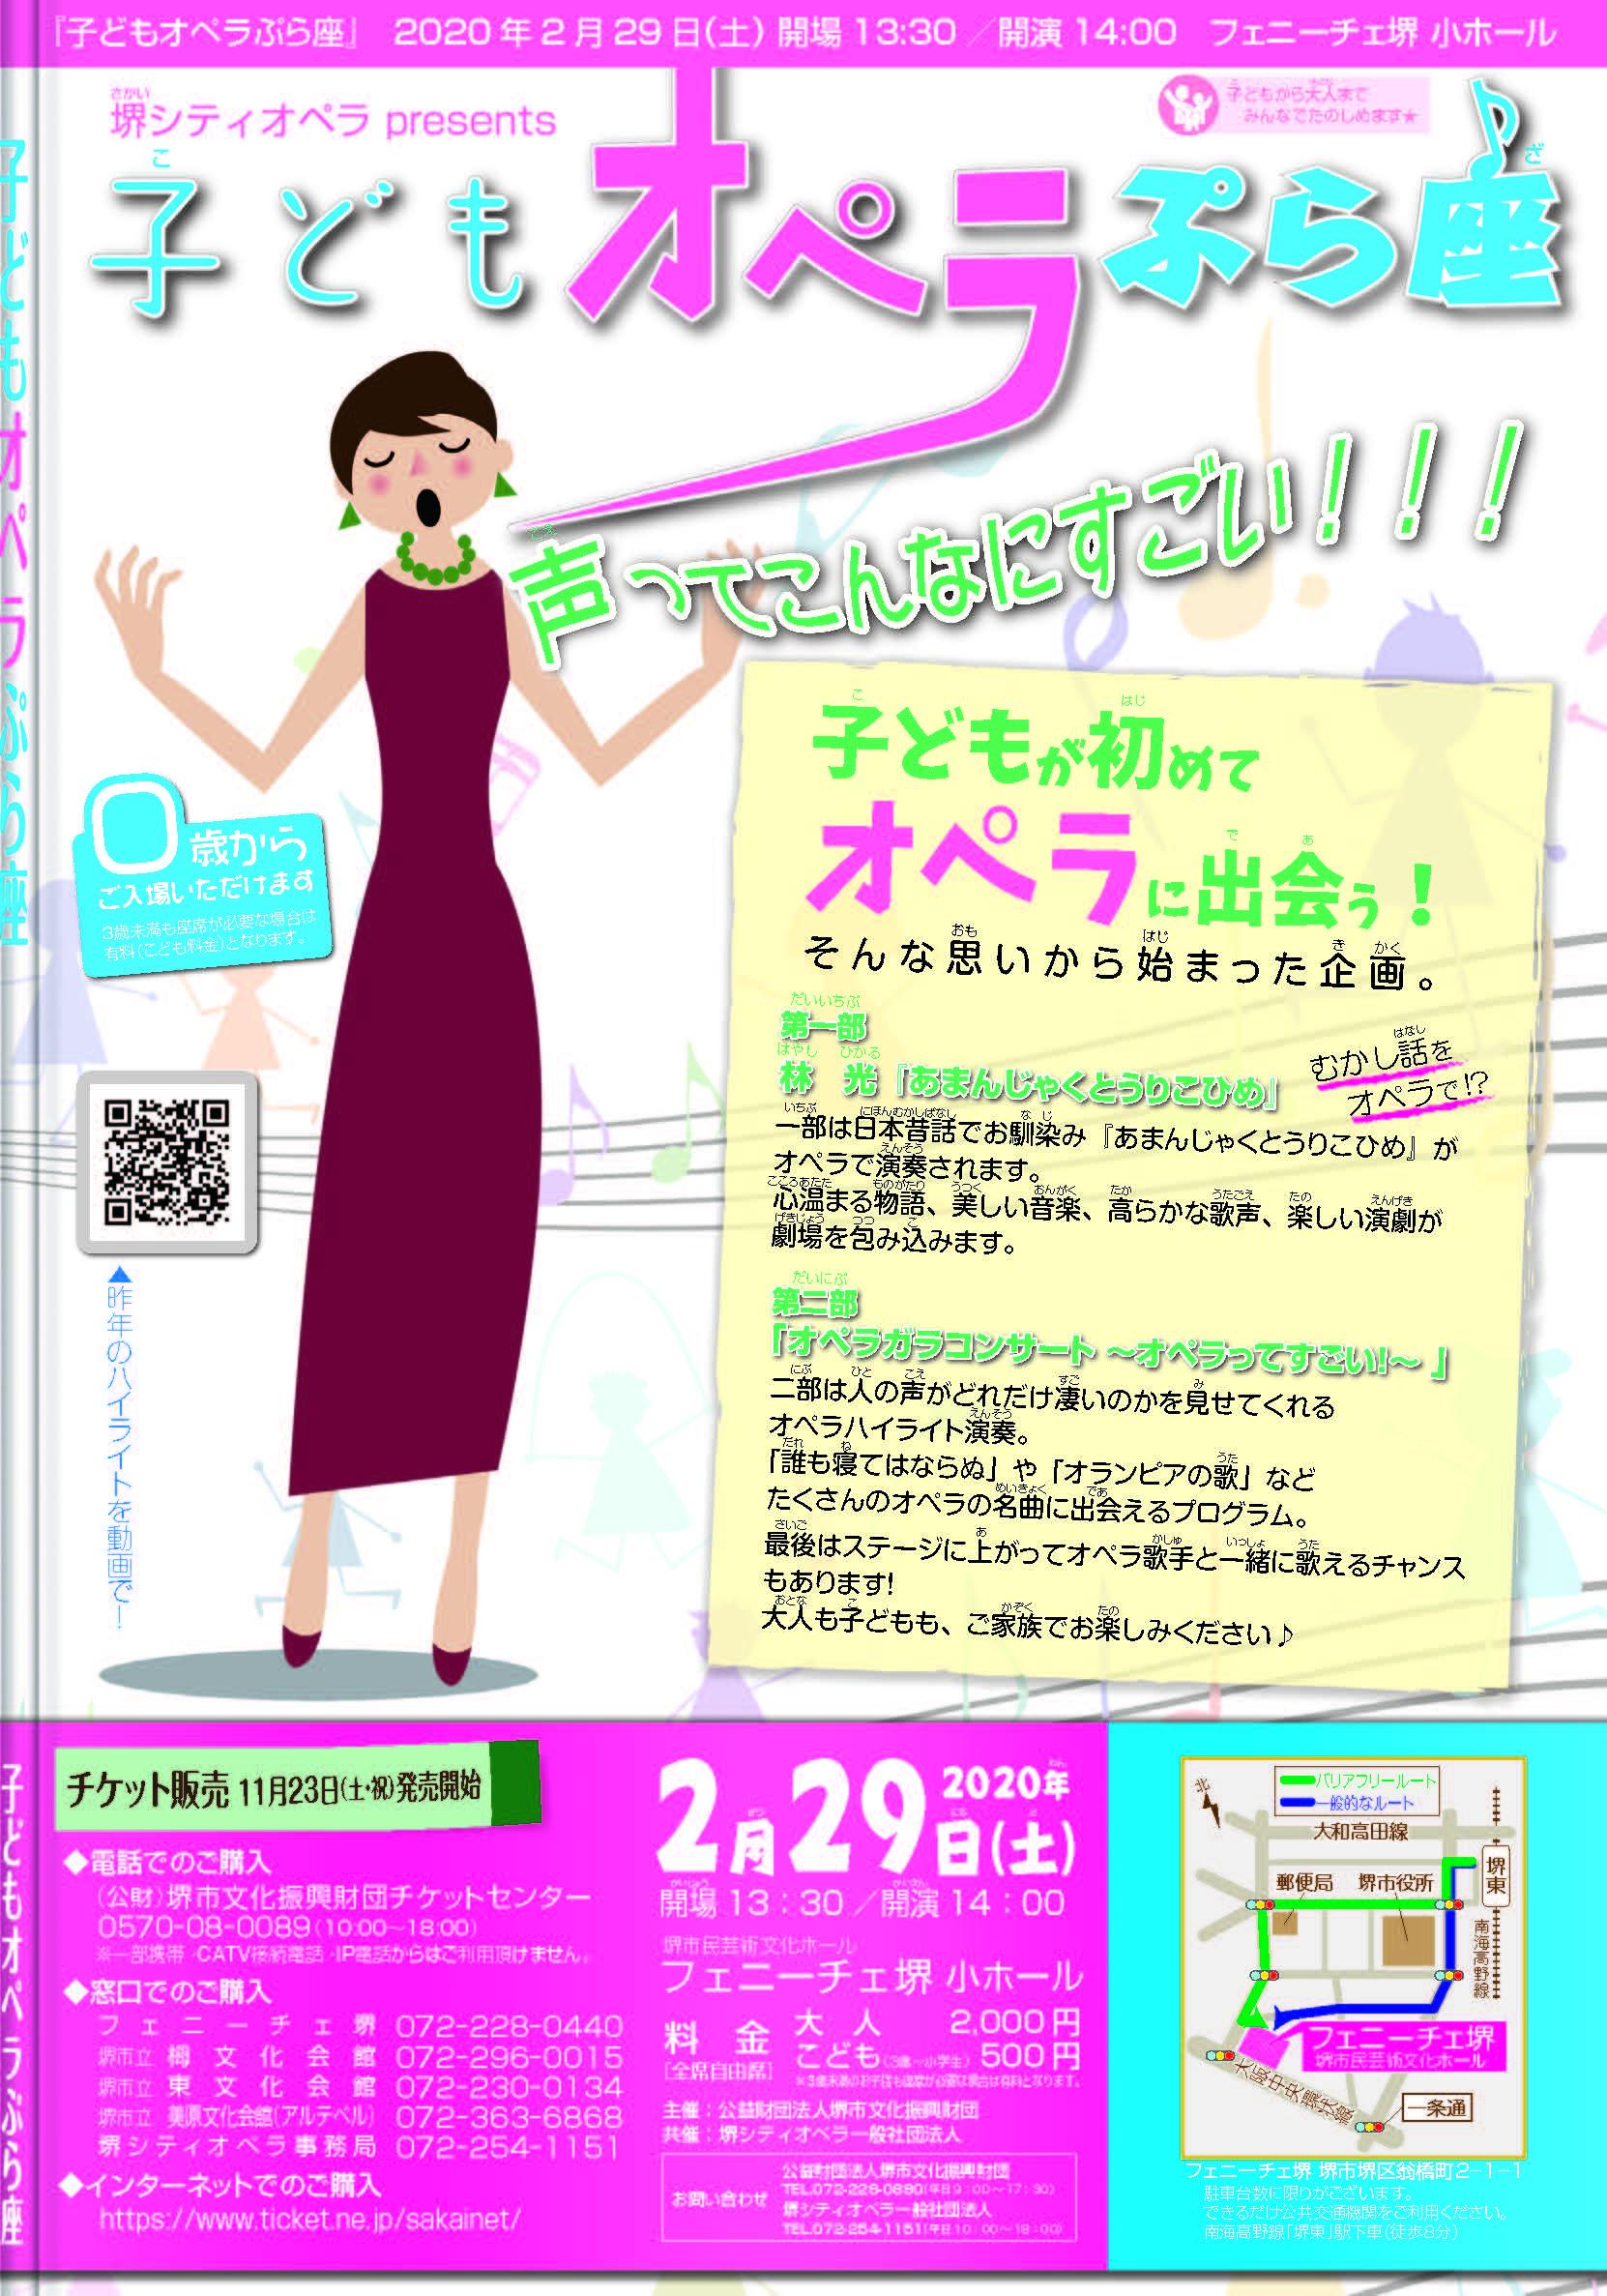 堺シティオペラpresents子どもオペラぷら座「声ってこんなにすごい!」